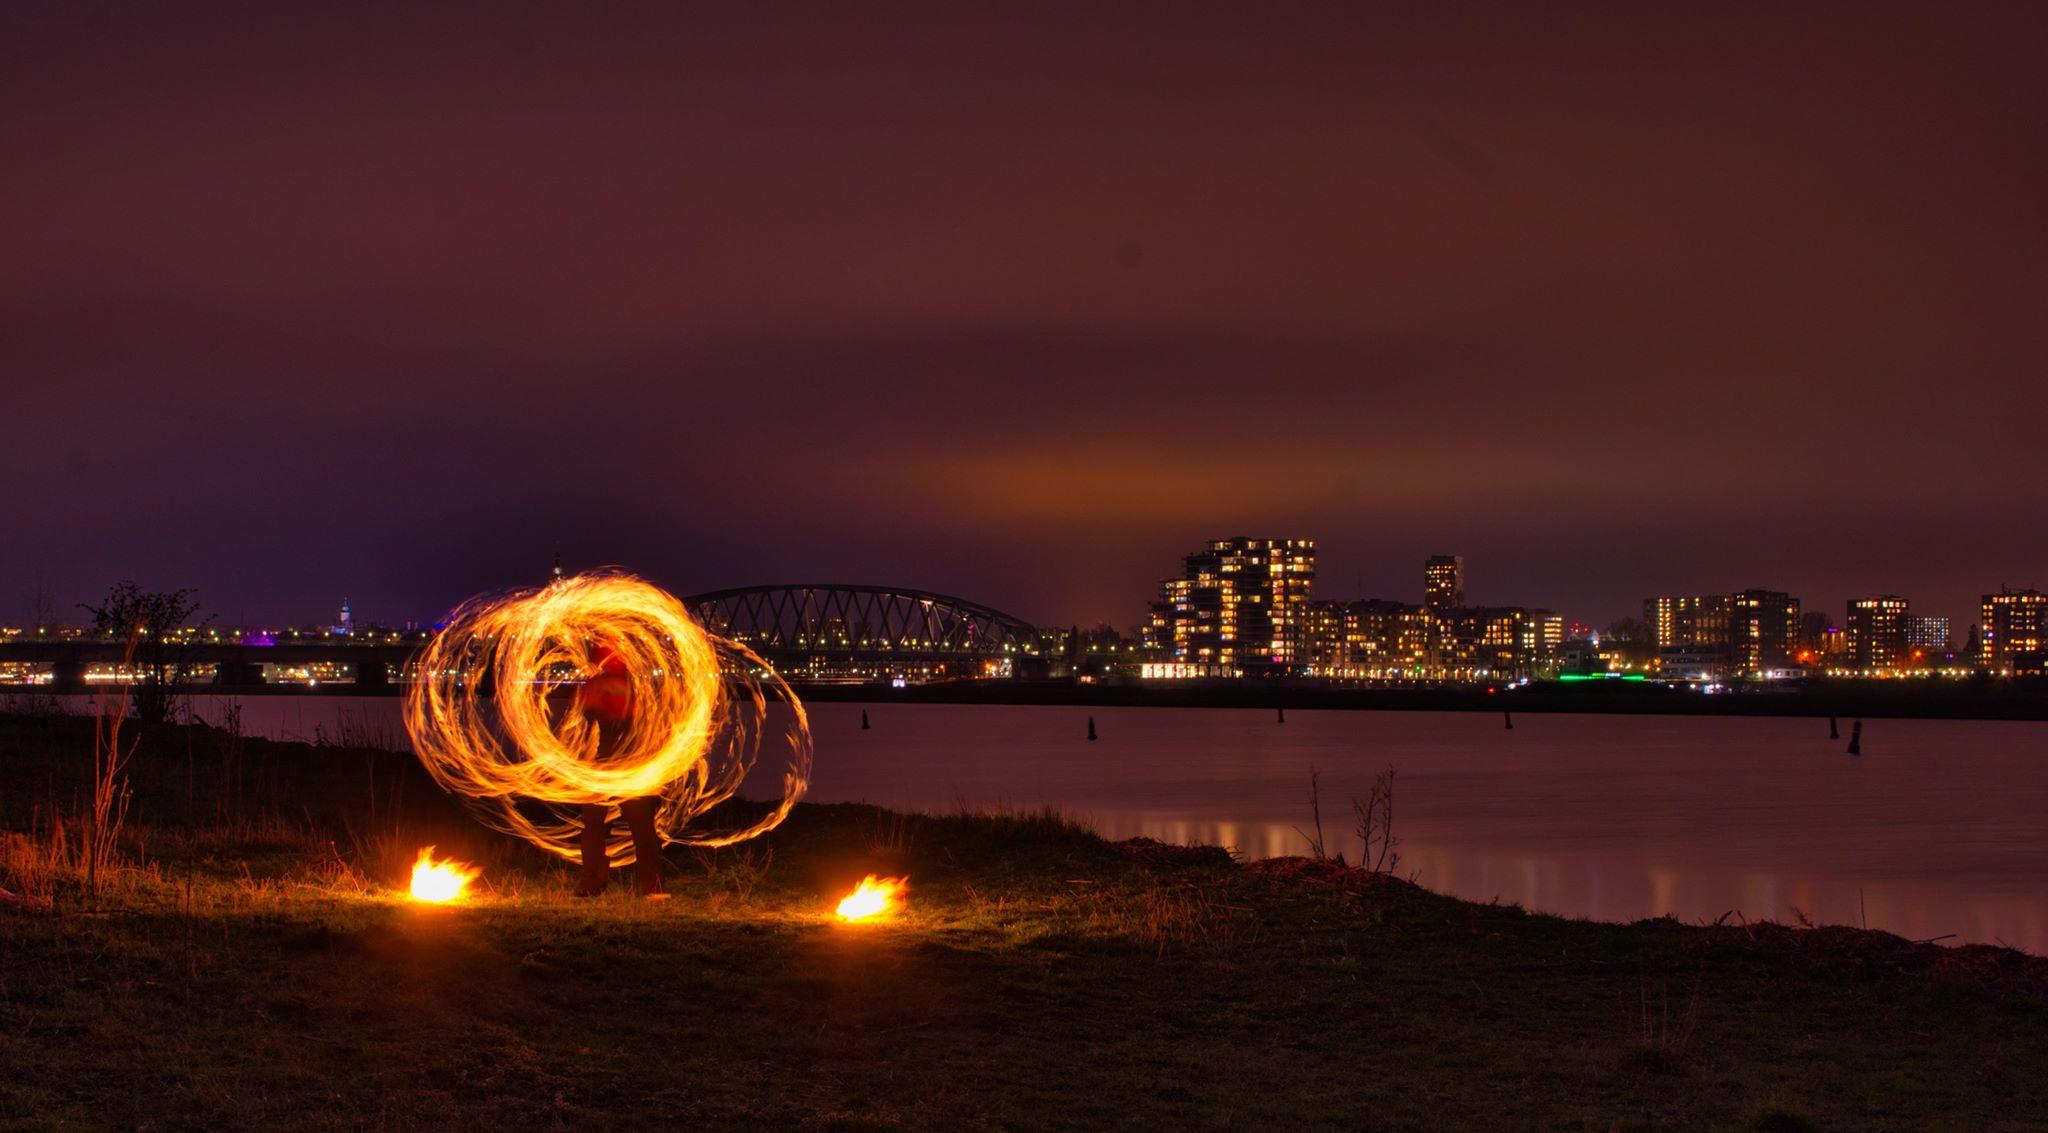 KIKO vuurshow - vuur jongleren stokdraaien petters aan de Waal in Nijmegen